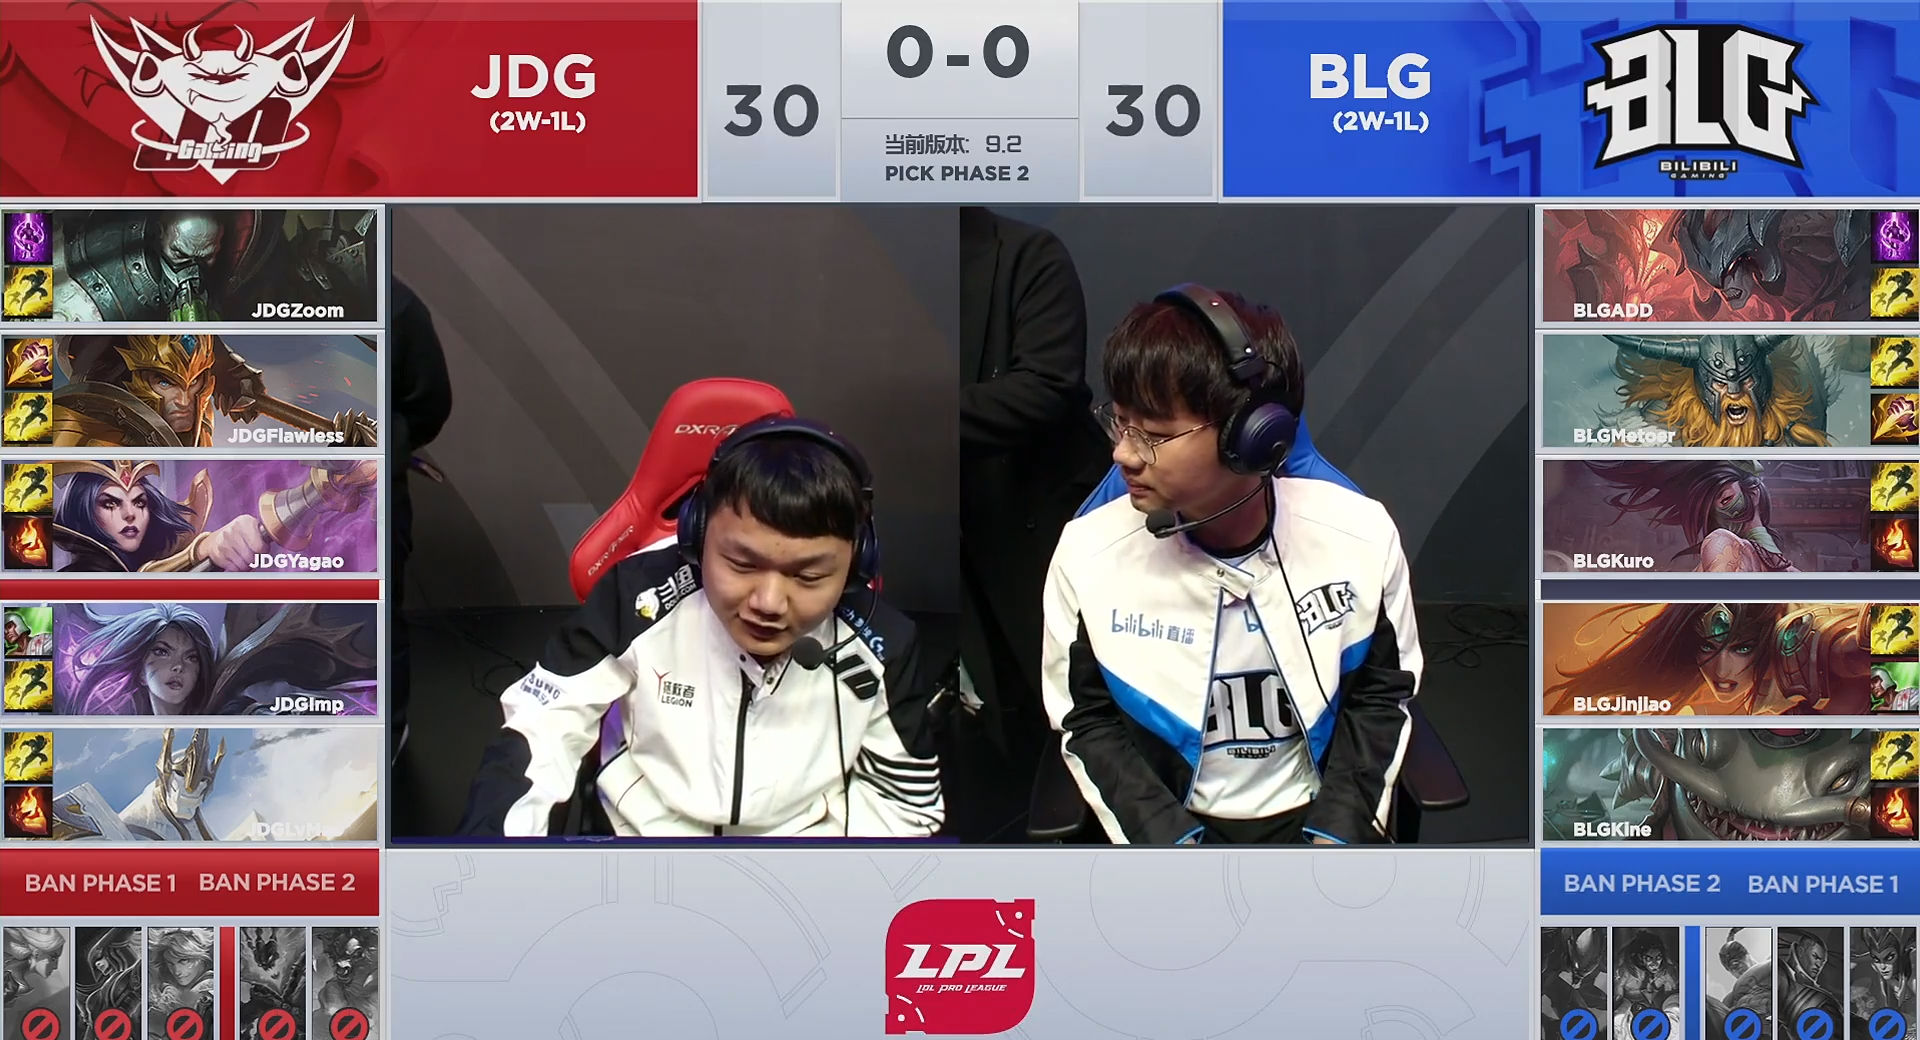 【战报】主动开团阵容效果更佳,JDG战胜BLG先驰得点